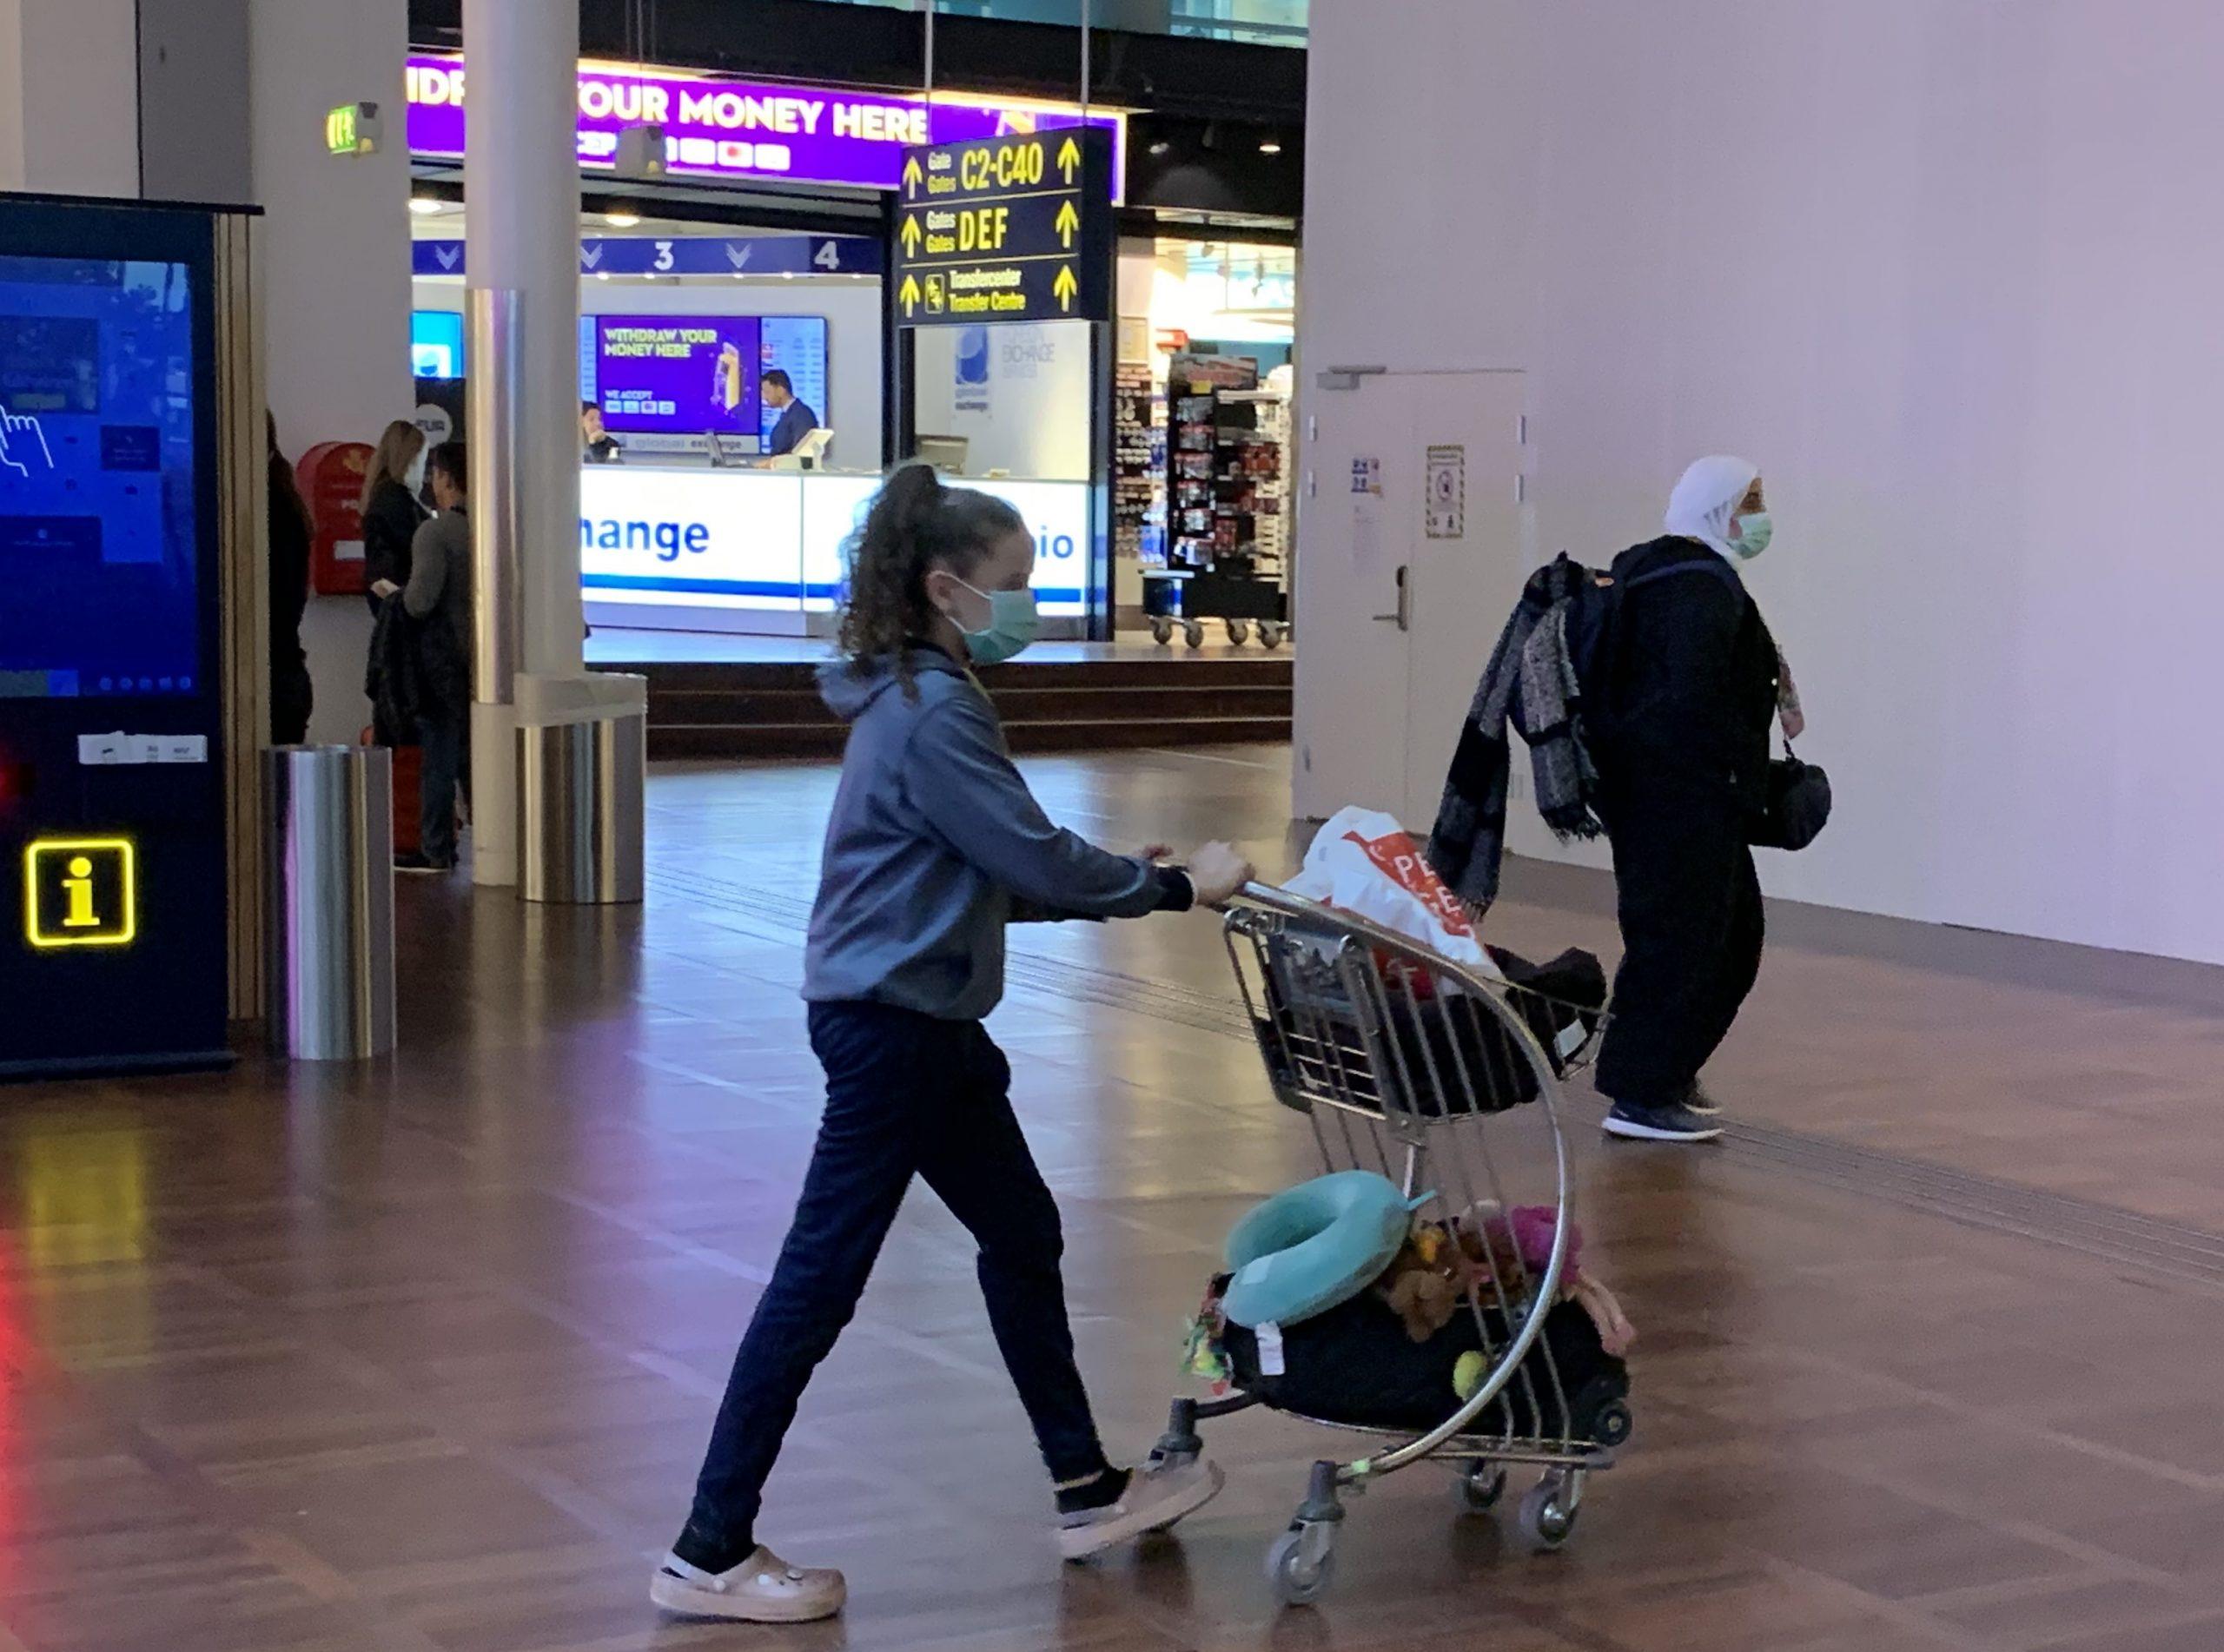 Mindst 10.000 i Kina og 100 udenfor Kina er bekræftet smittet af Corona-virussen, over 200 er døde, alle i Kina. Arkivfoto fra tidligere denne uge, hvor to passagerer i Københavns Lufthavn bærer masker for mund og næse. Privatfoto.